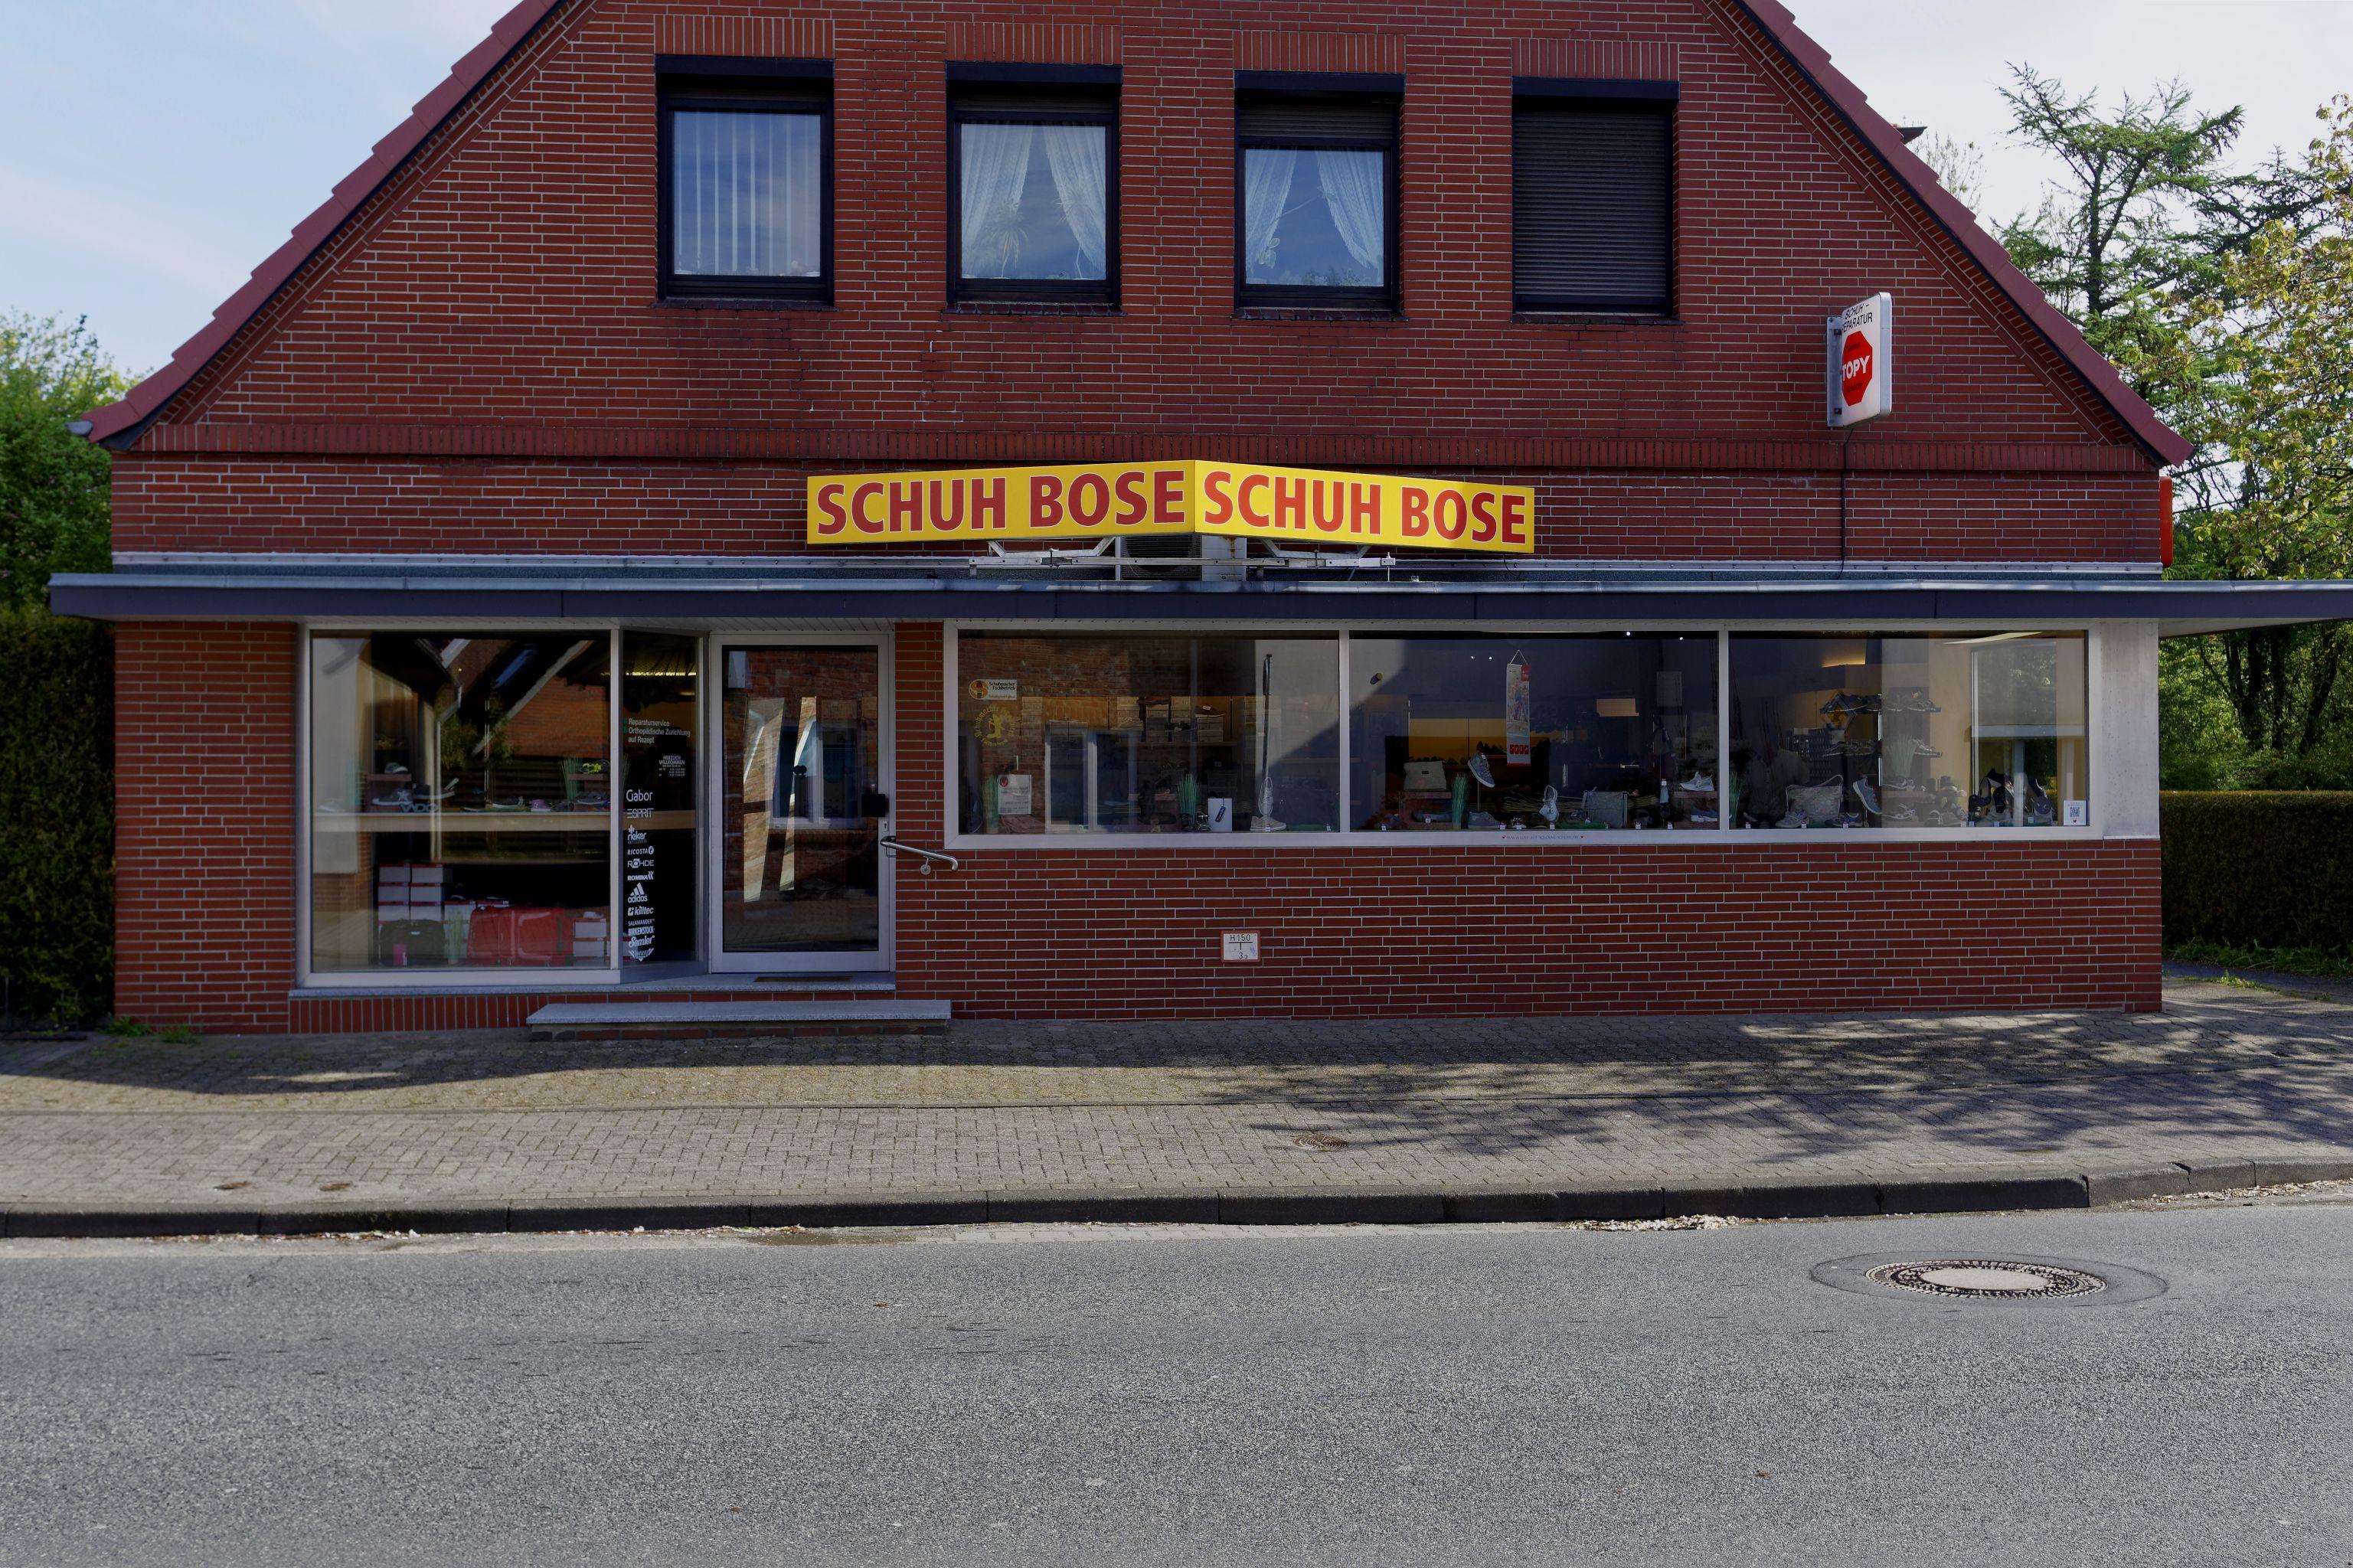 Schuhhaus Bose